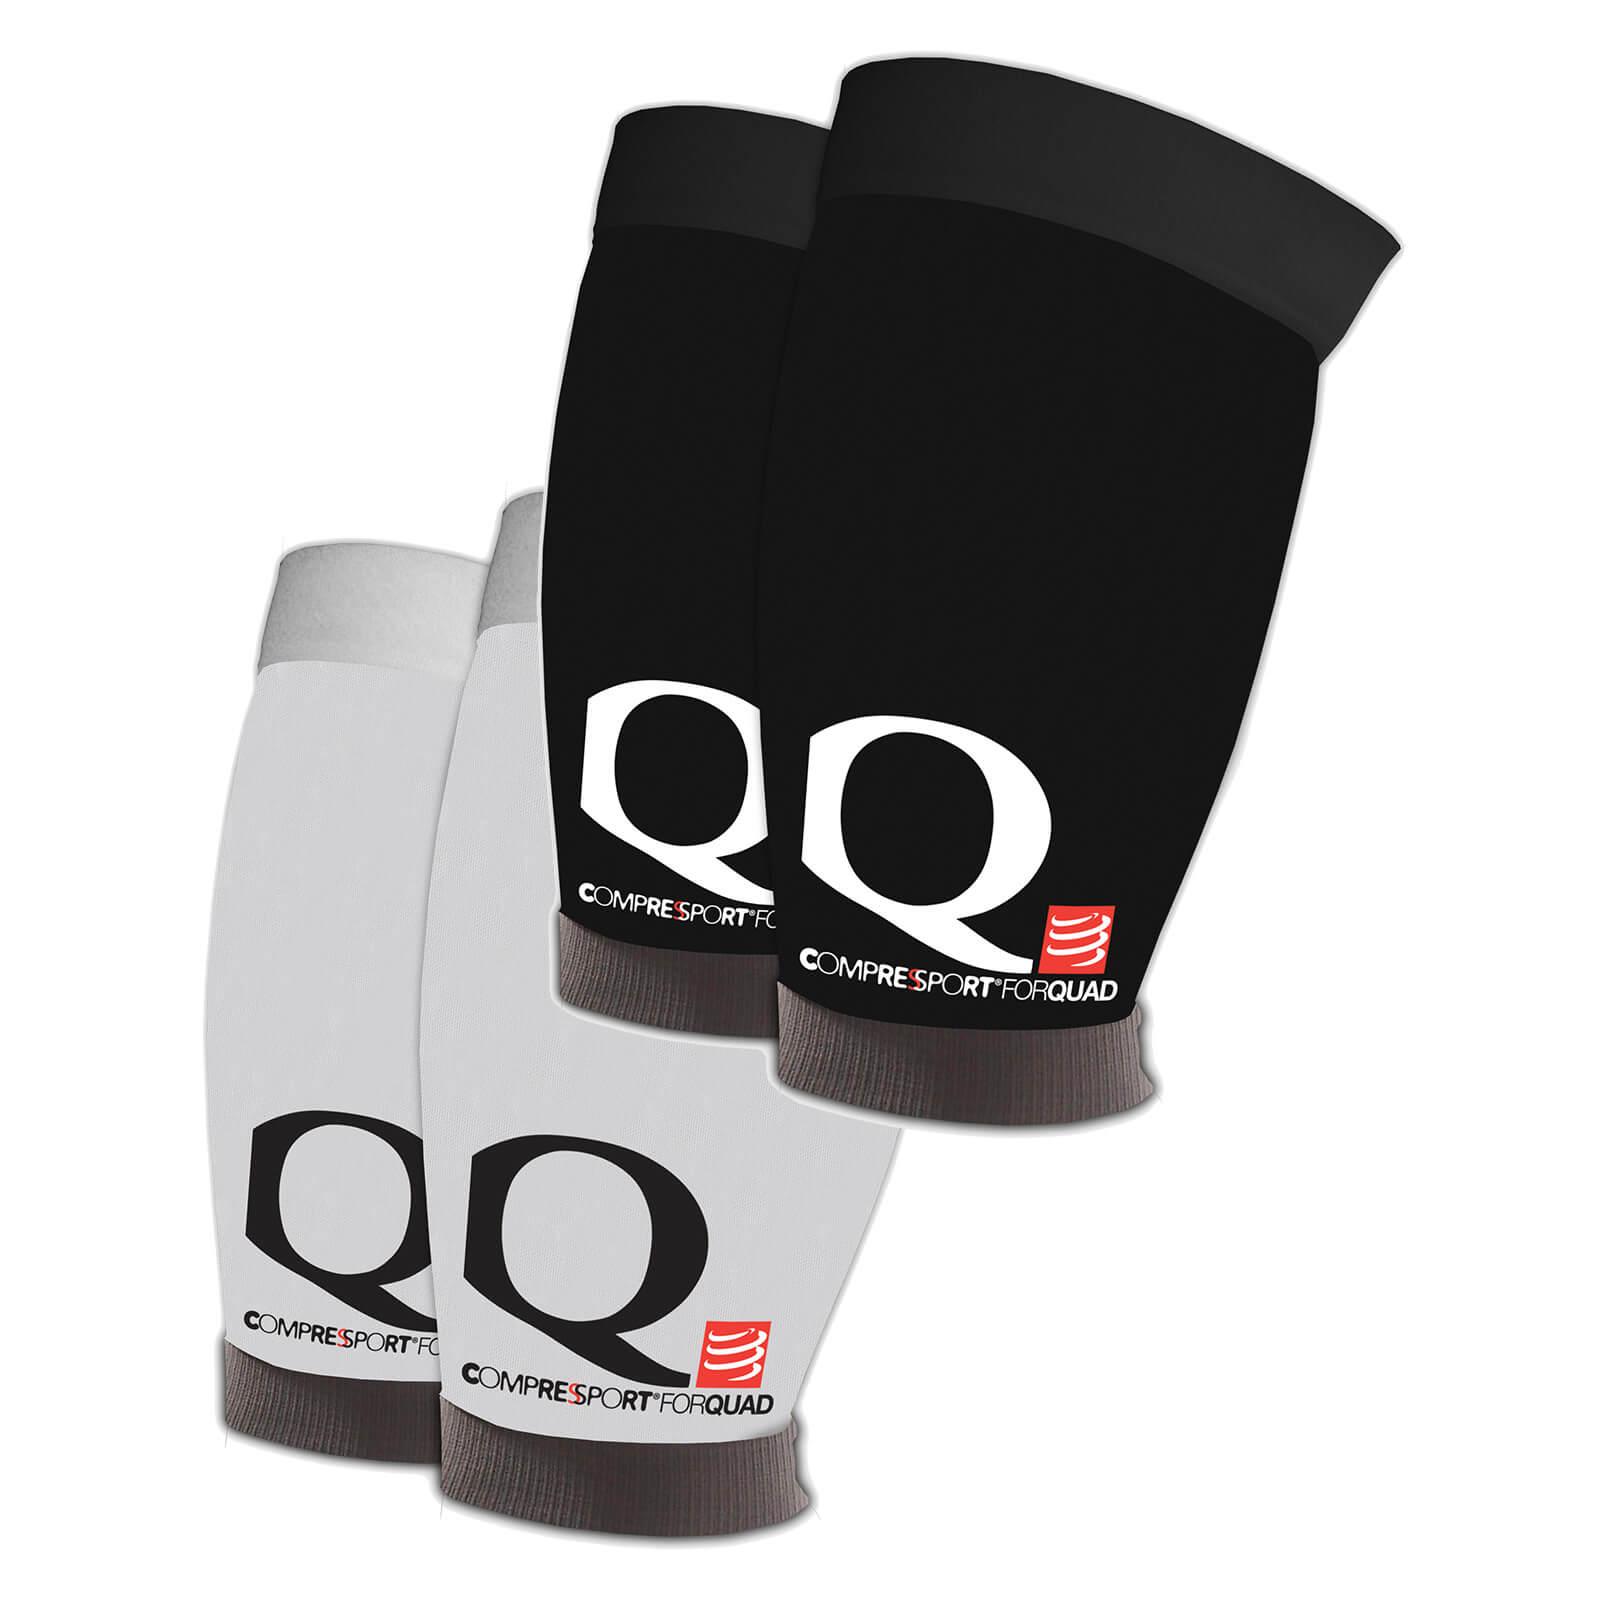 Compressport 4Quad Sleeves - T3/L - Black